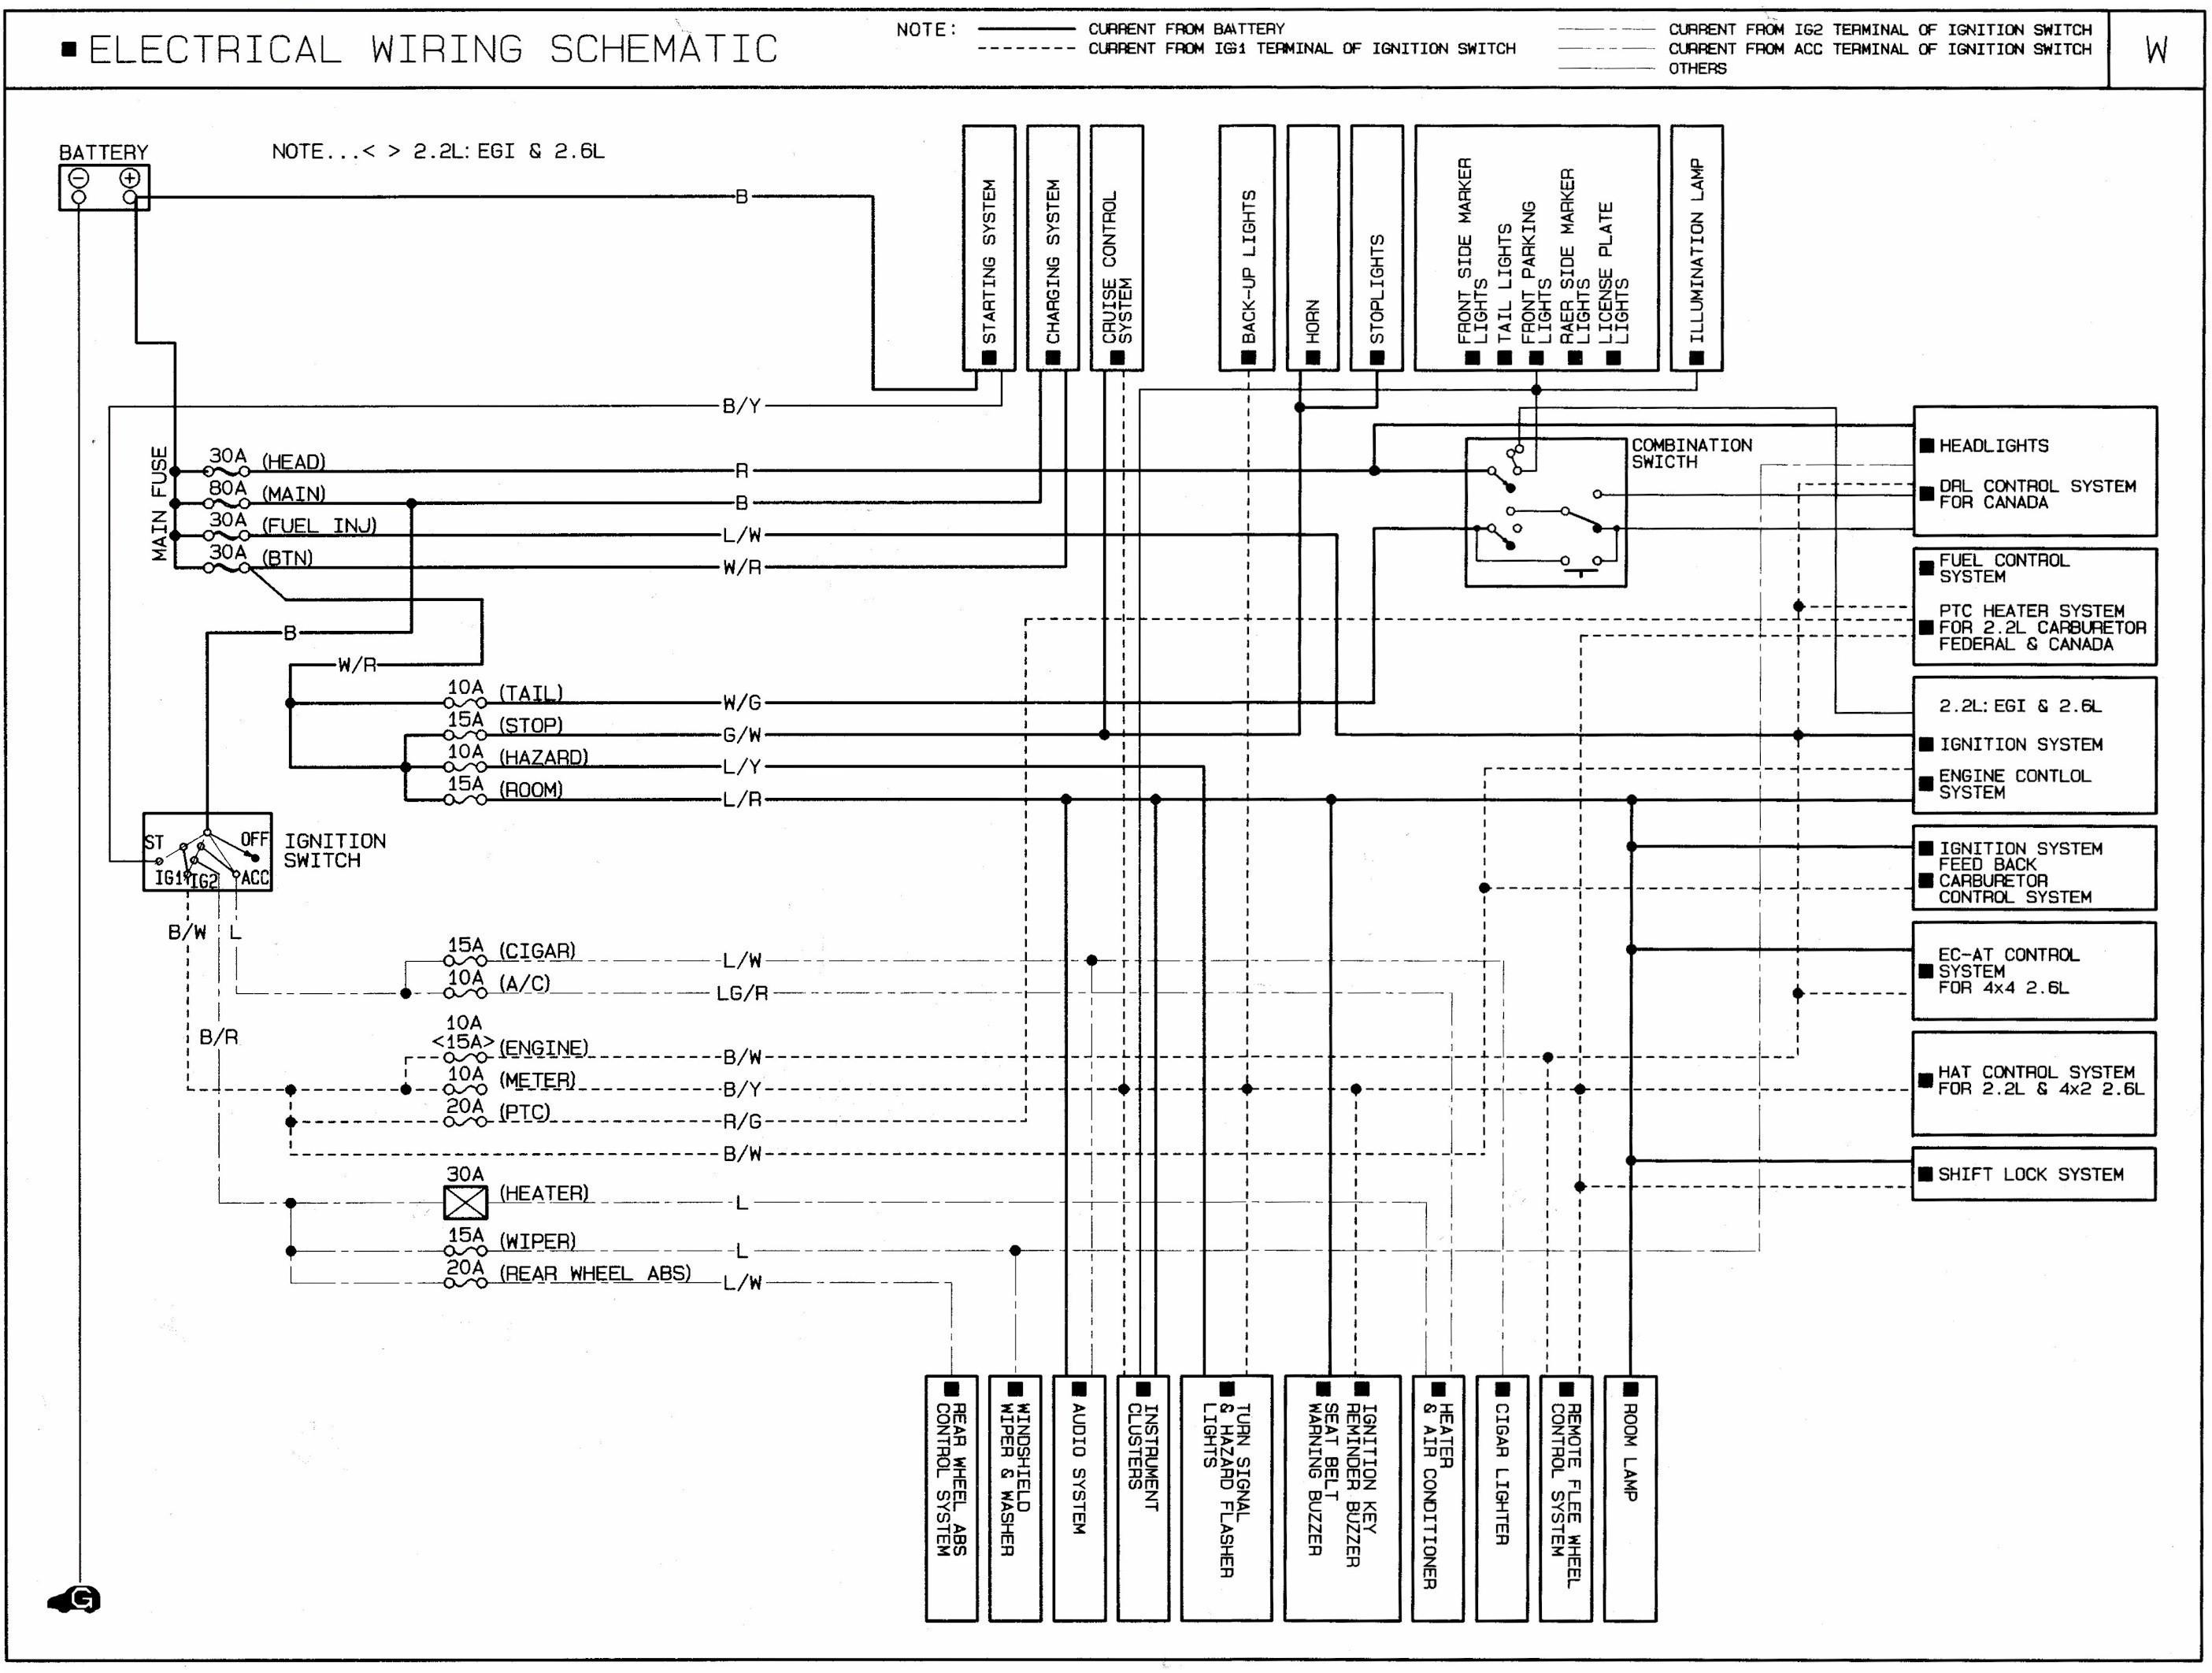 Mazda Mx6 Engine Diagram Wiper Switch Wiring Diagram 1996 626 Mazda Worksheet and Wiring Of Mazda Mx6 Engine Diagram